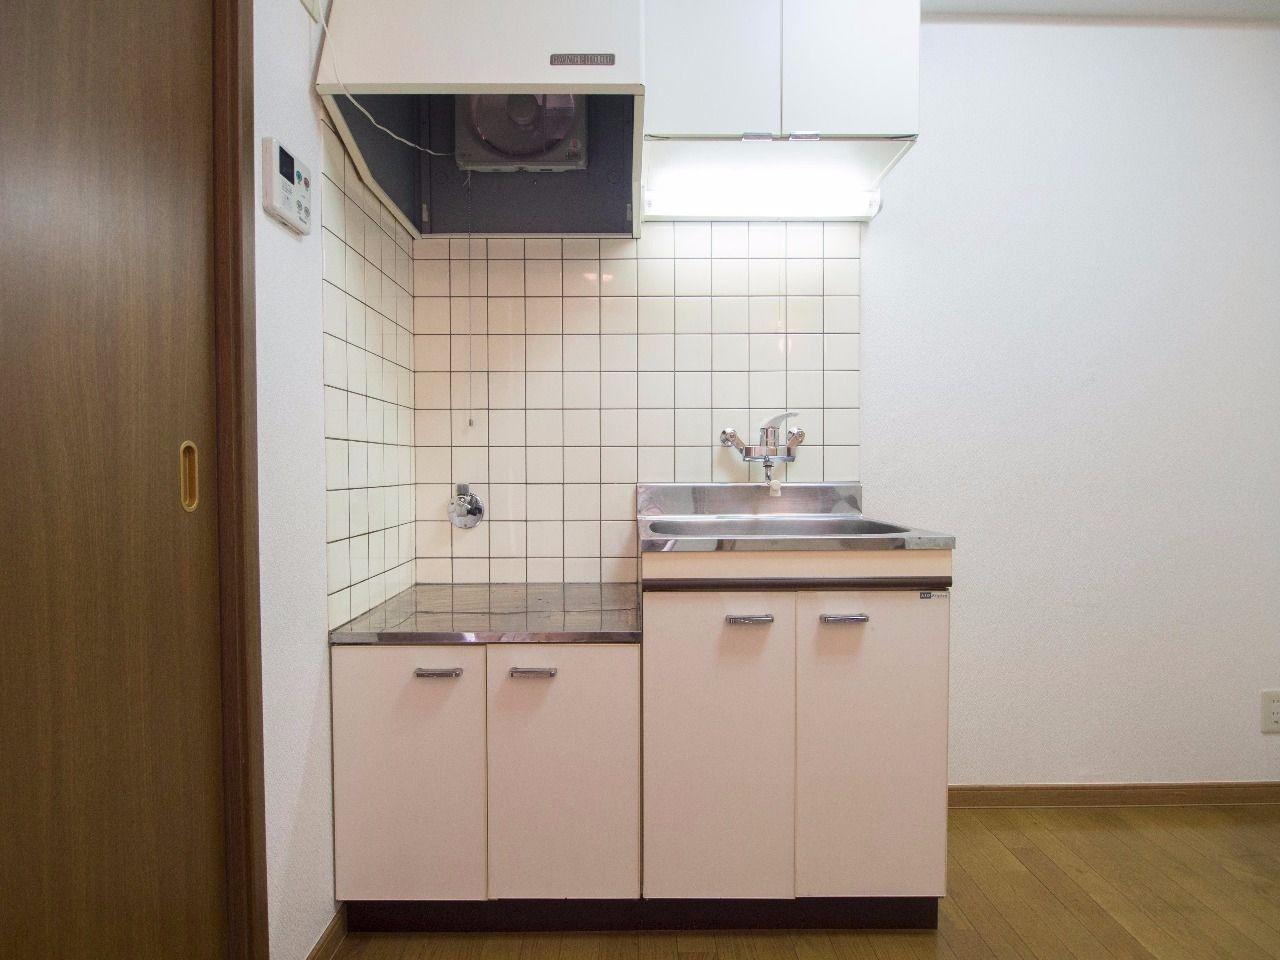 2口ガスコンロ対応キッチン(プロパンガス)